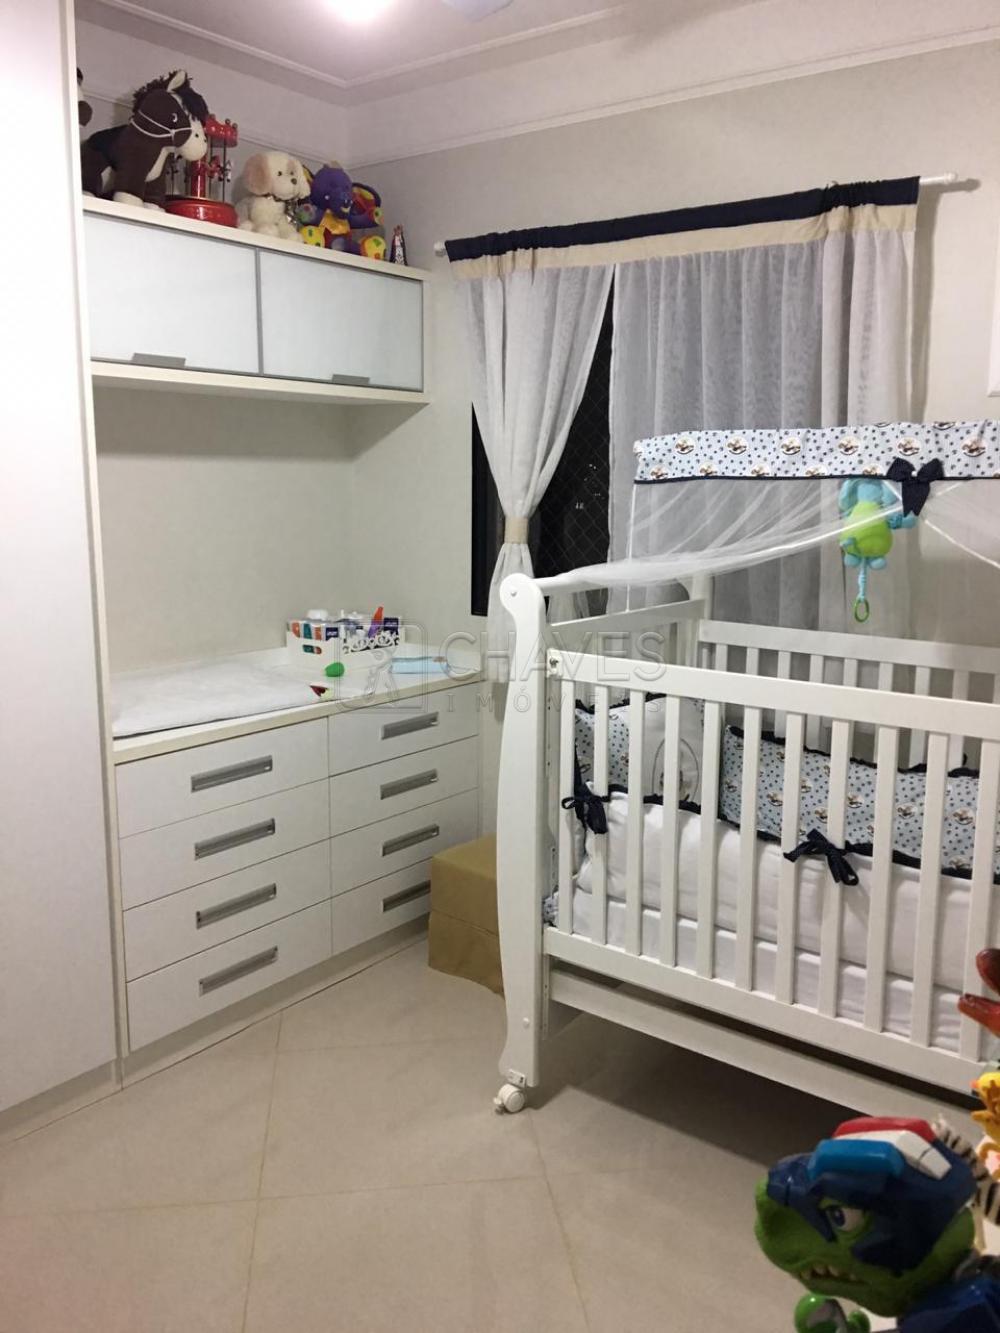 Comprar Apartamento / Padrão em Ribeirão Preto apenas R$ 440.000,00 - Foto 13